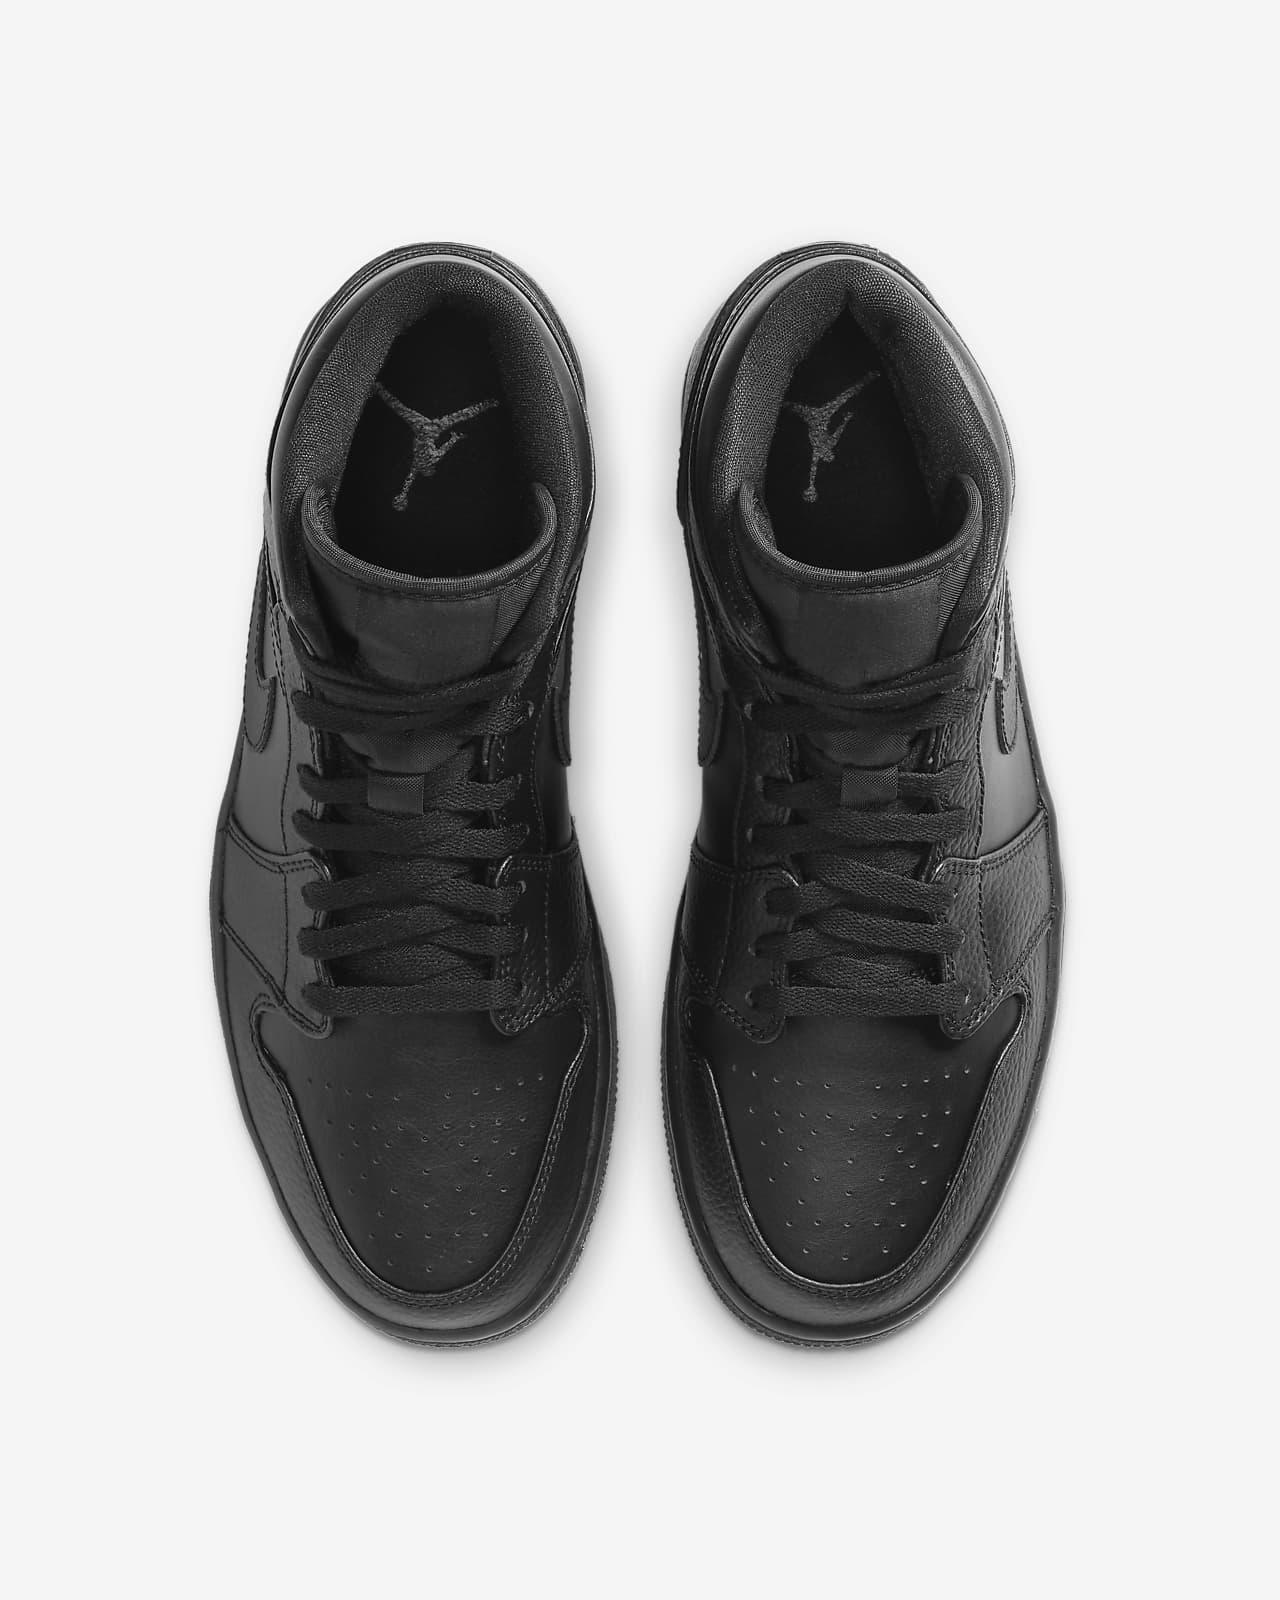 Air Jordan 1 Mid Shoe. Nike LU